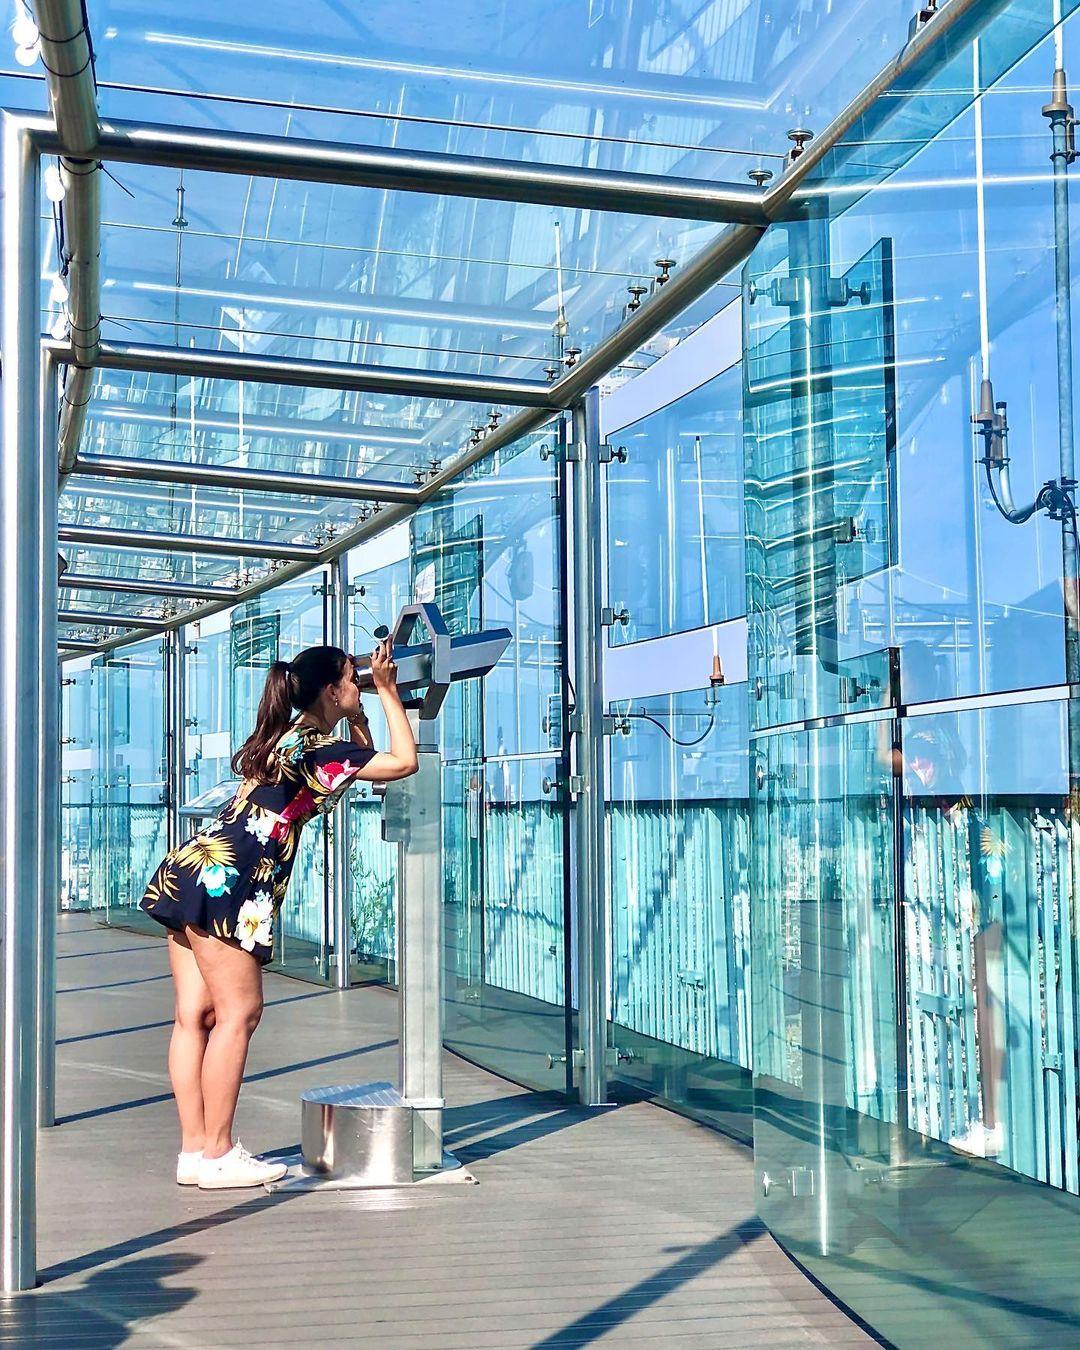 Menikmati keindahan PAris Montparnasse Tower